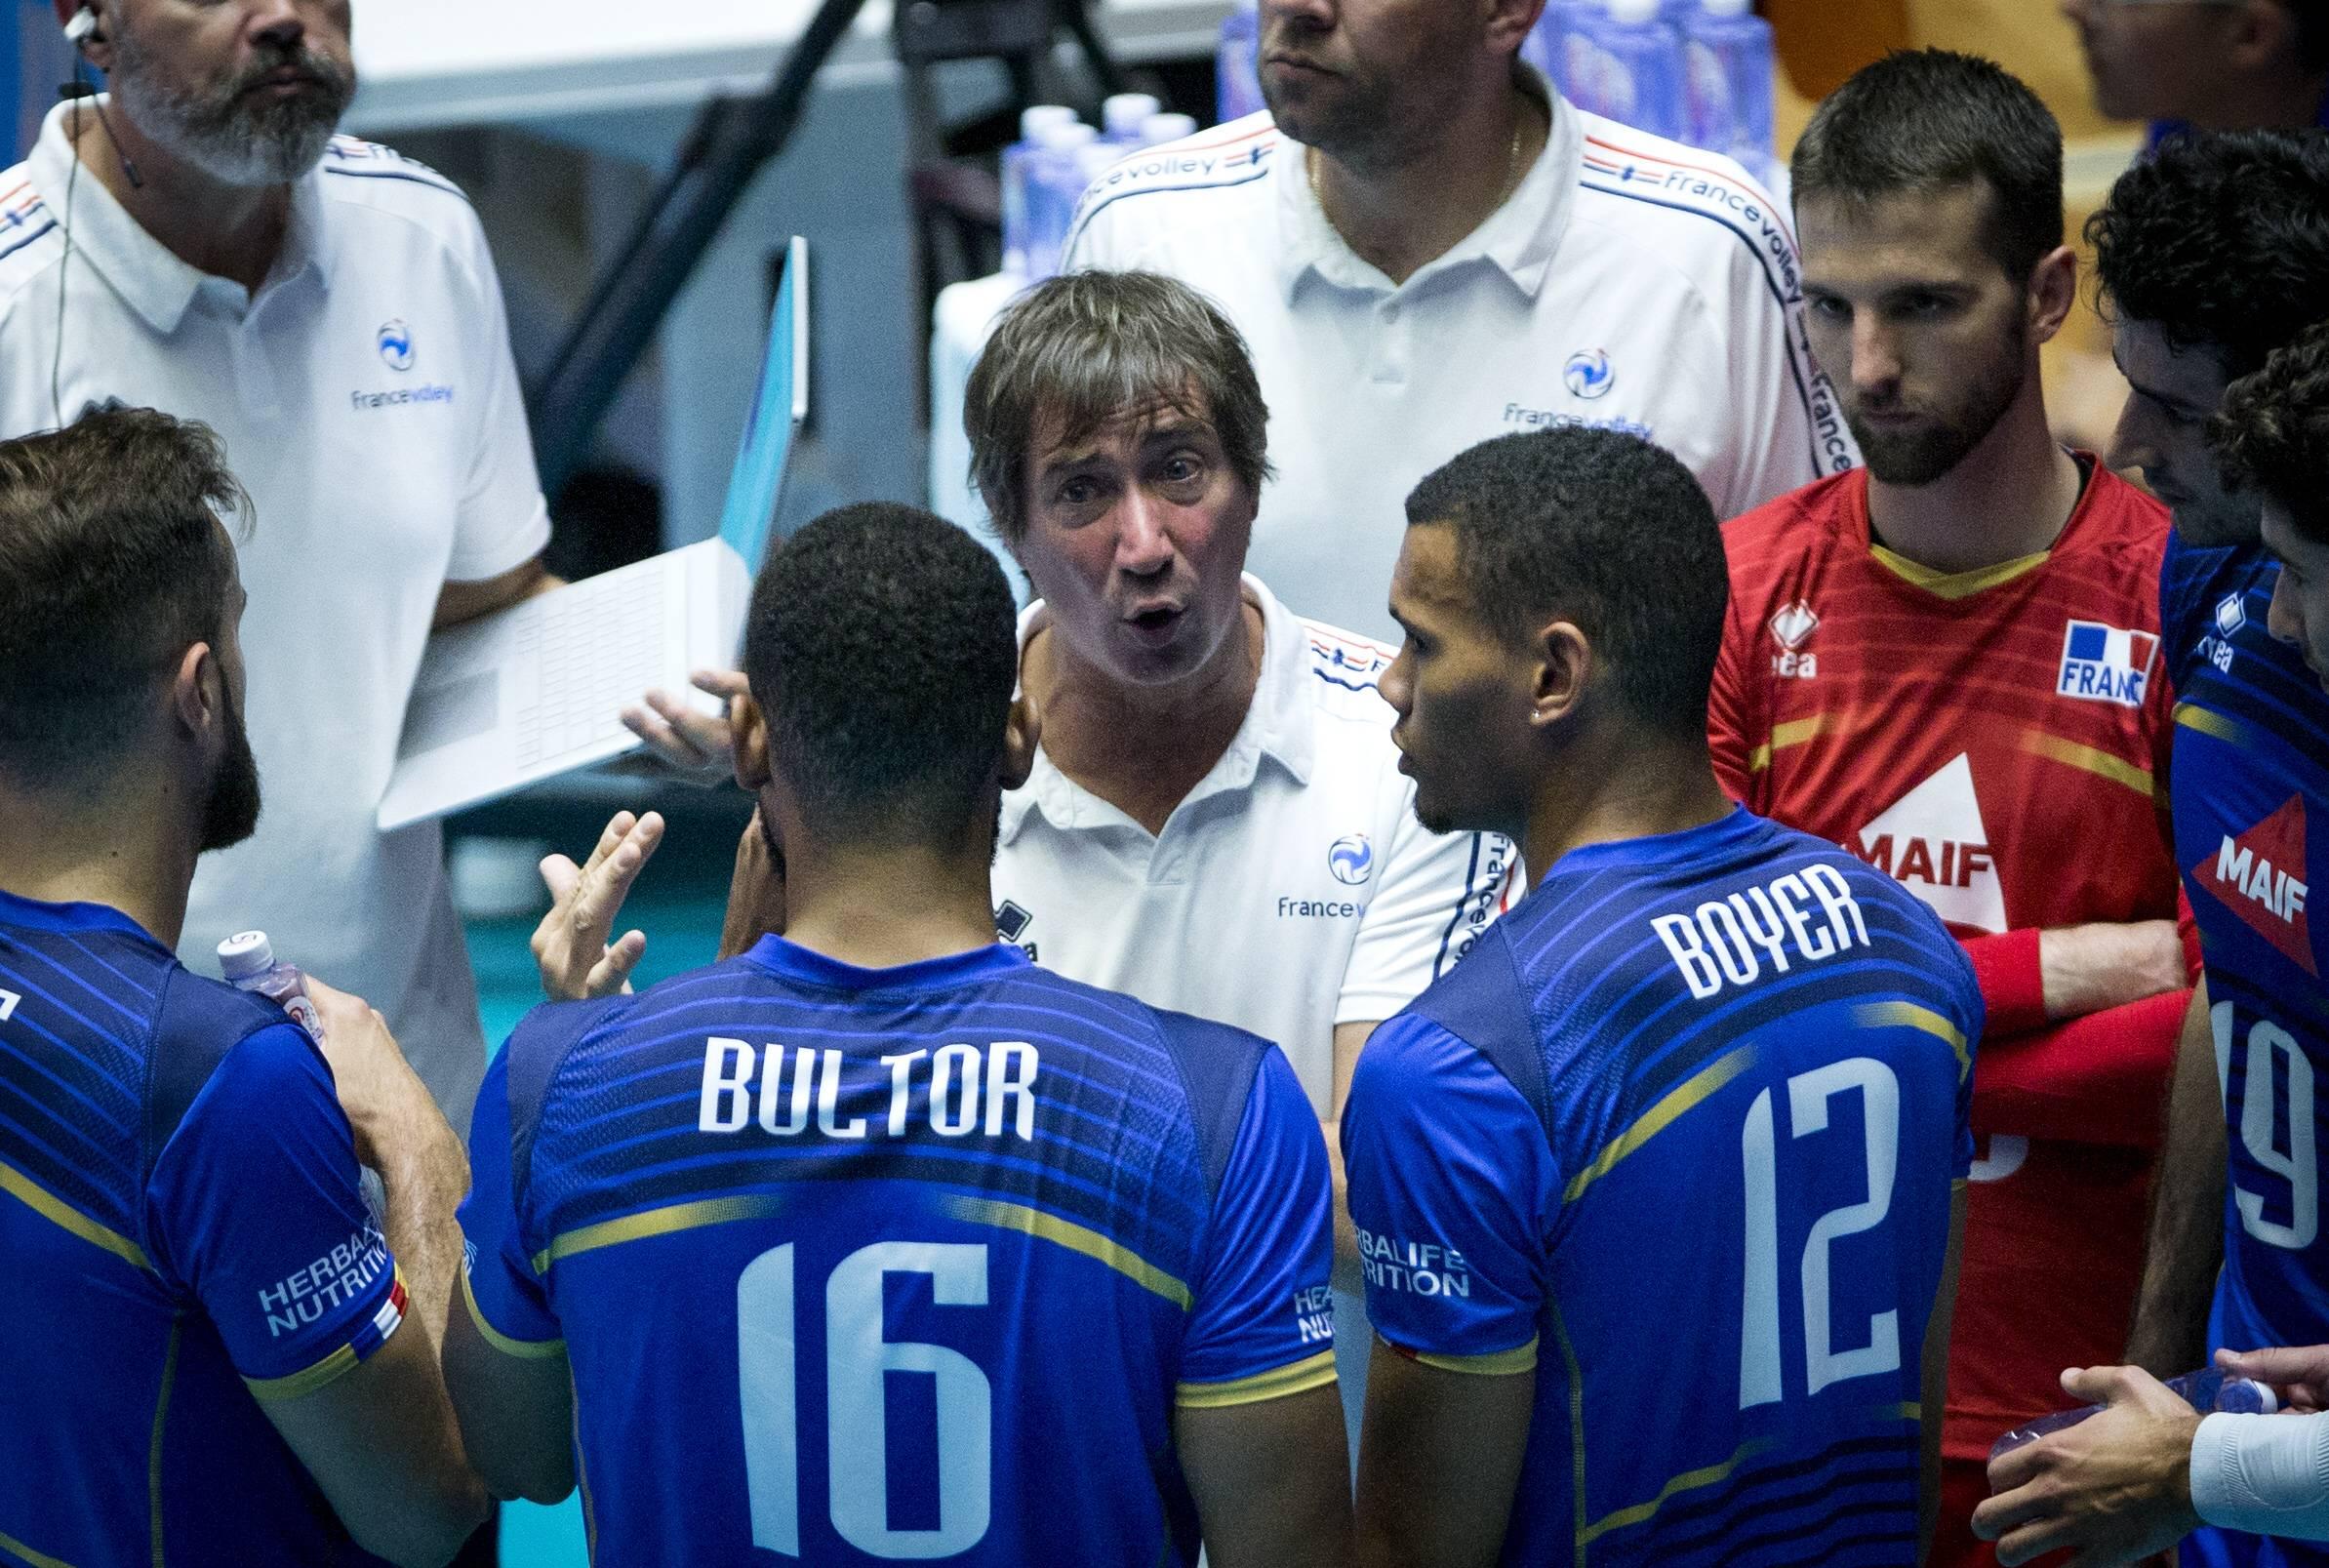 Volley - Equipe de France - Les volleyeurs français échouent en Ligue des Nations